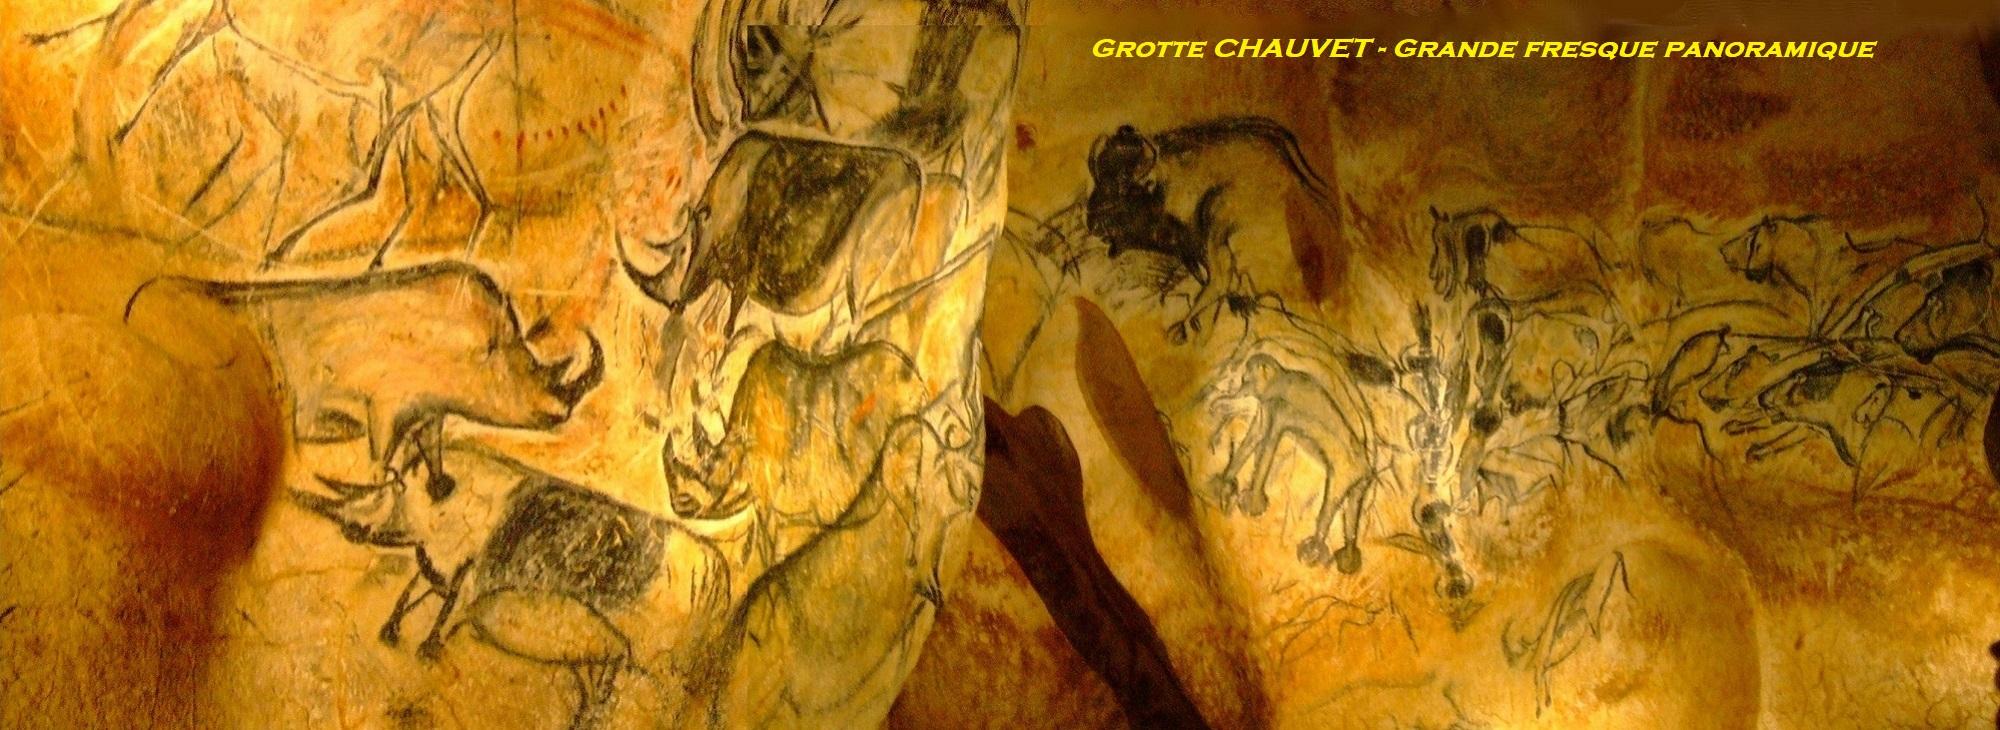 Grotte Chauvet - Grande Fresque panoramique